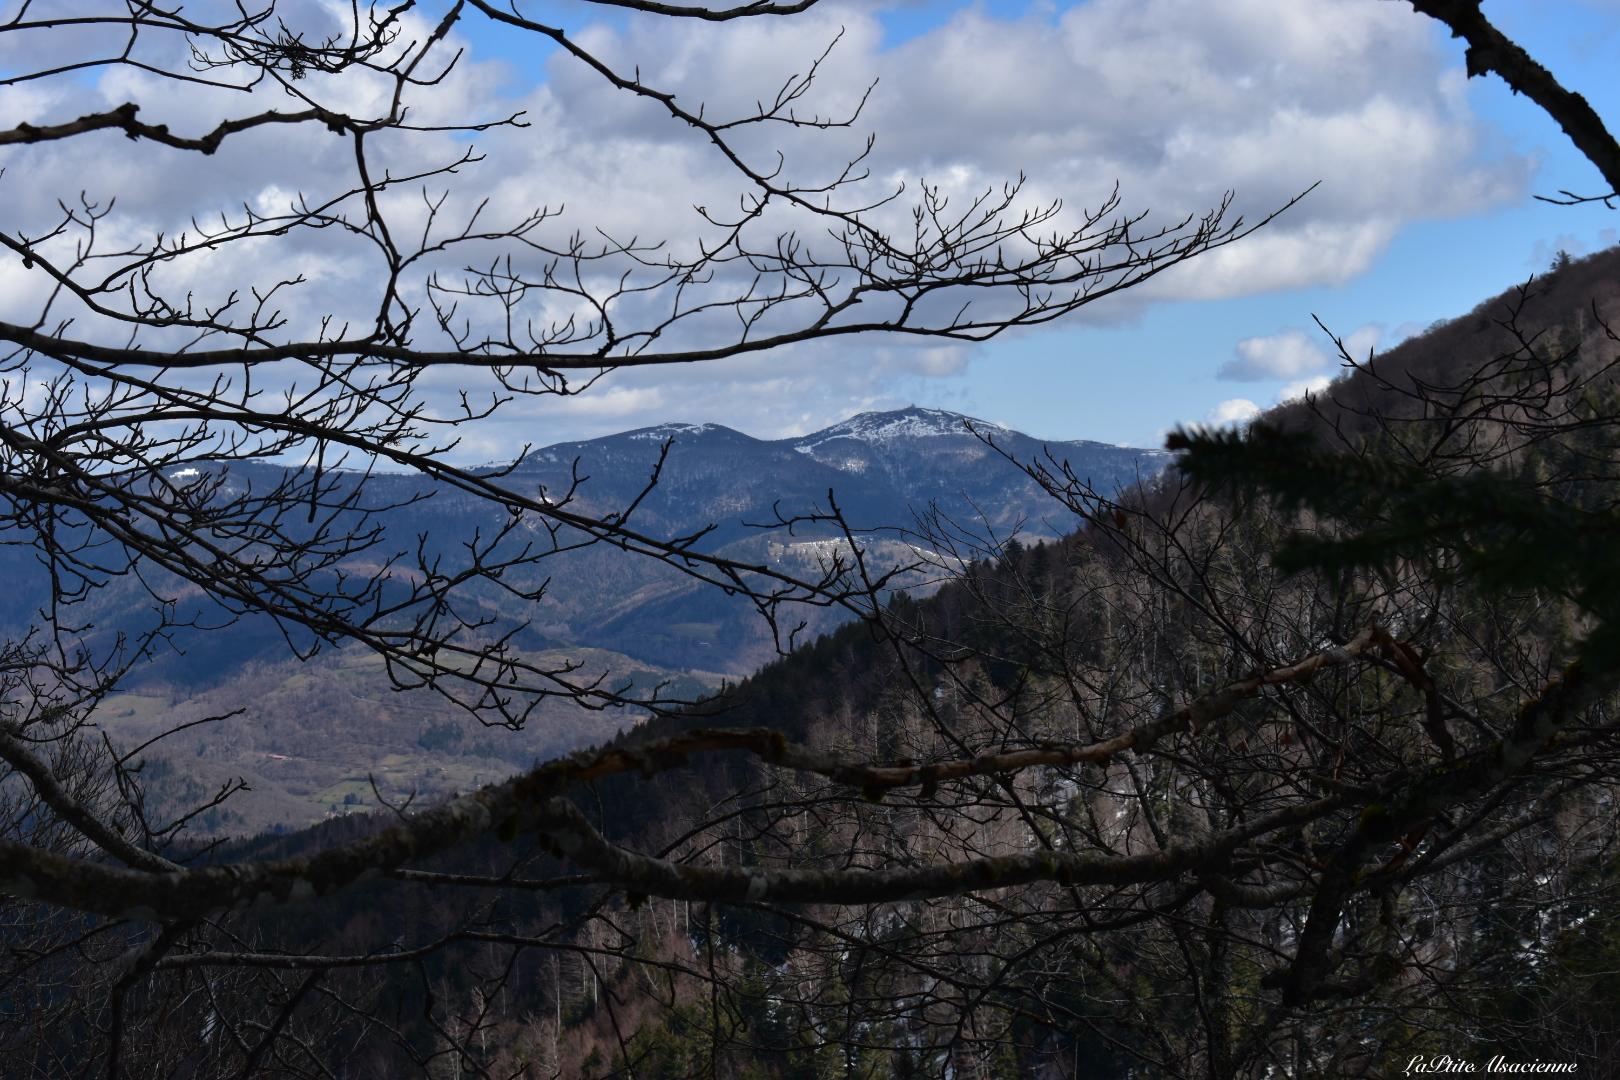 Vue sur le Grand Ballon depuis le sentier entre Col des Perches et Chaume de Rouge Gazon